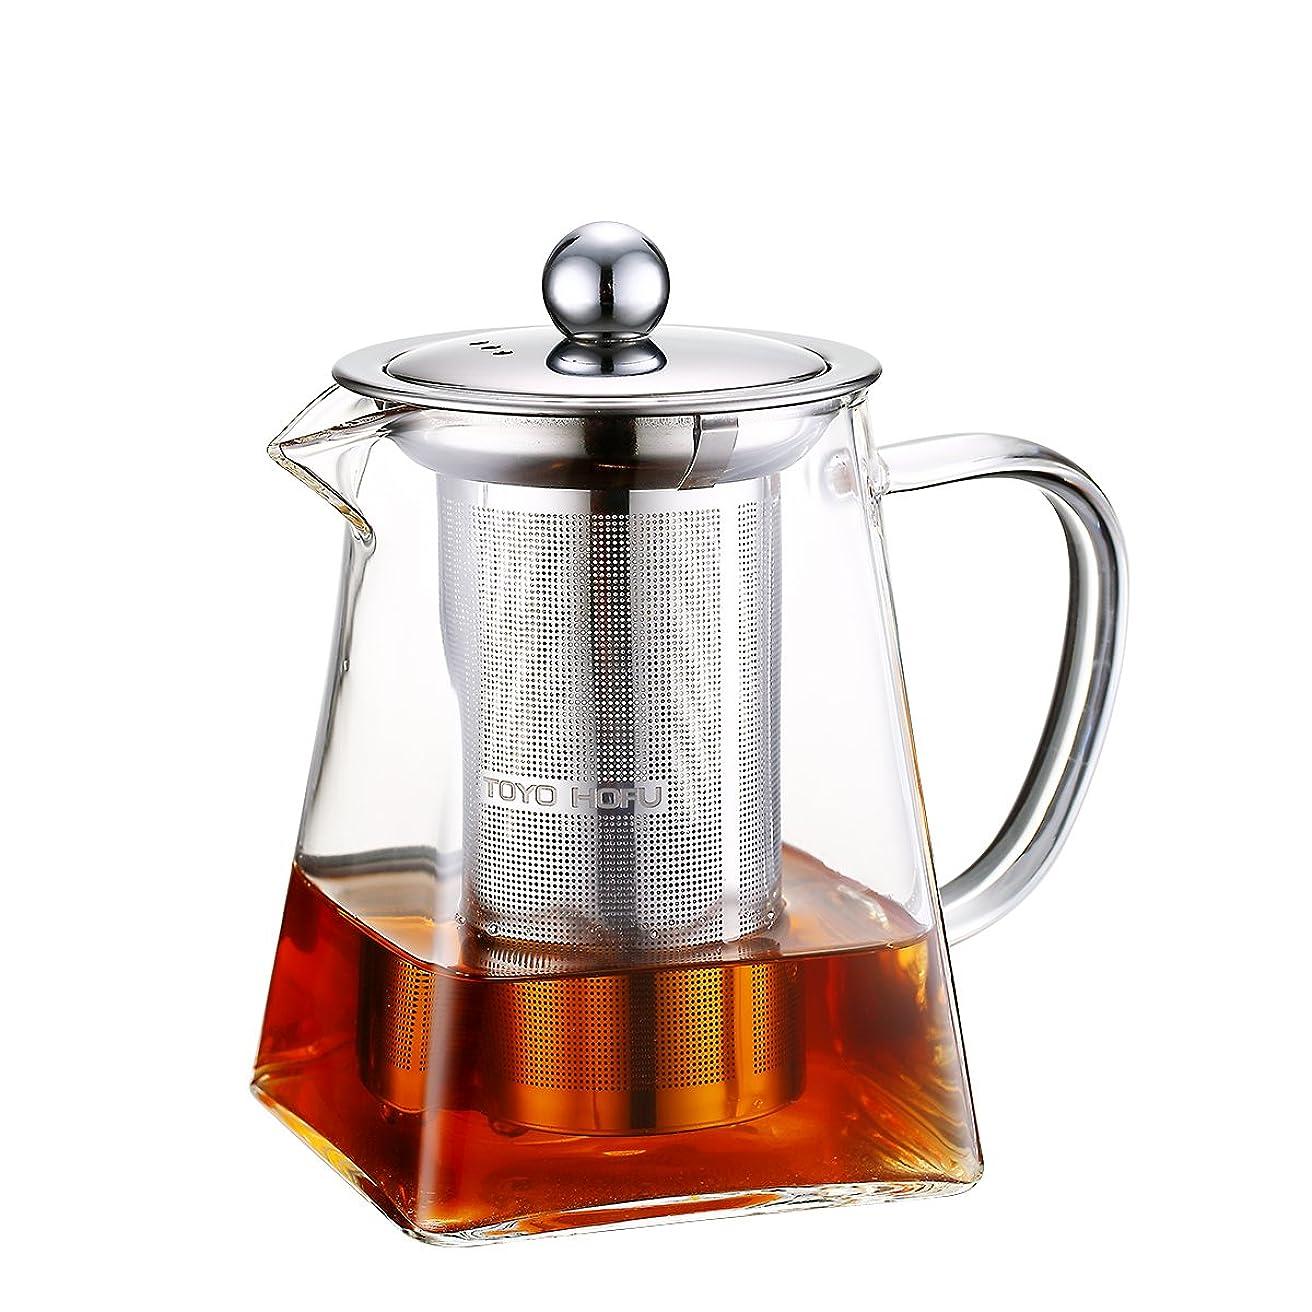 ラバステープル援助するHARIO (ハリオ) 急須 茶茶 なつめ